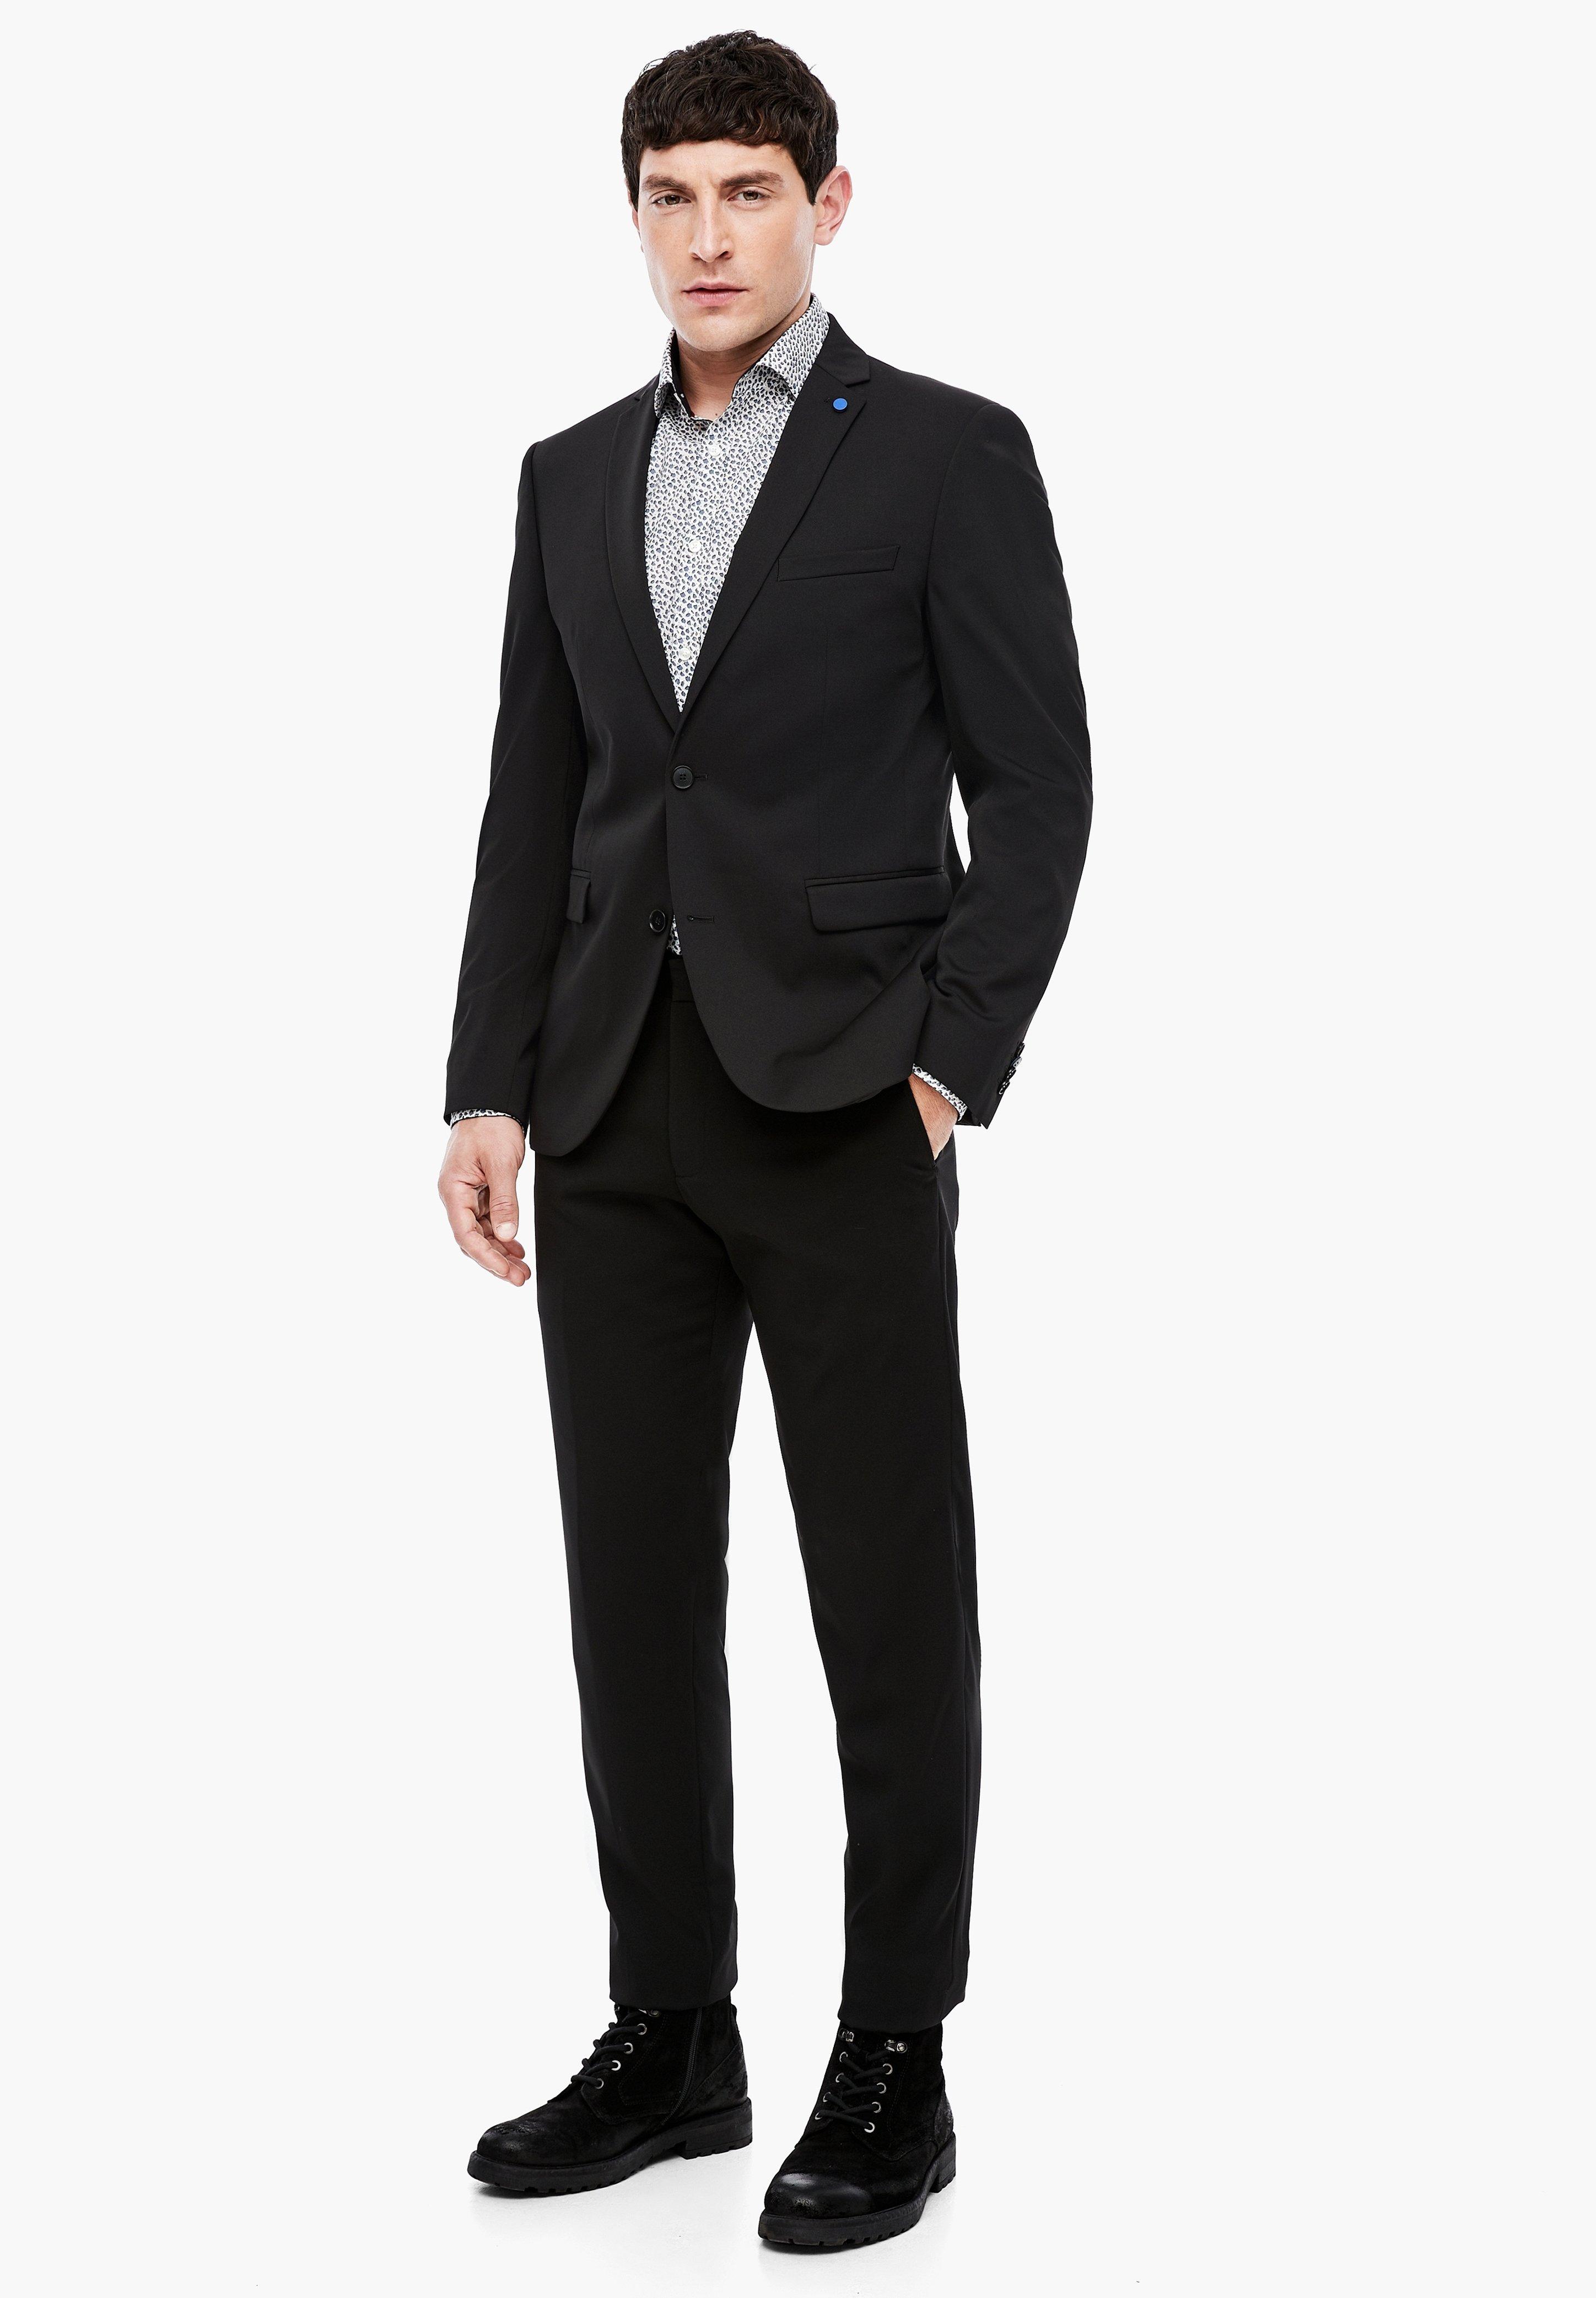 S.Oliver Anzug für Herren für einen stillvollen Auftritt